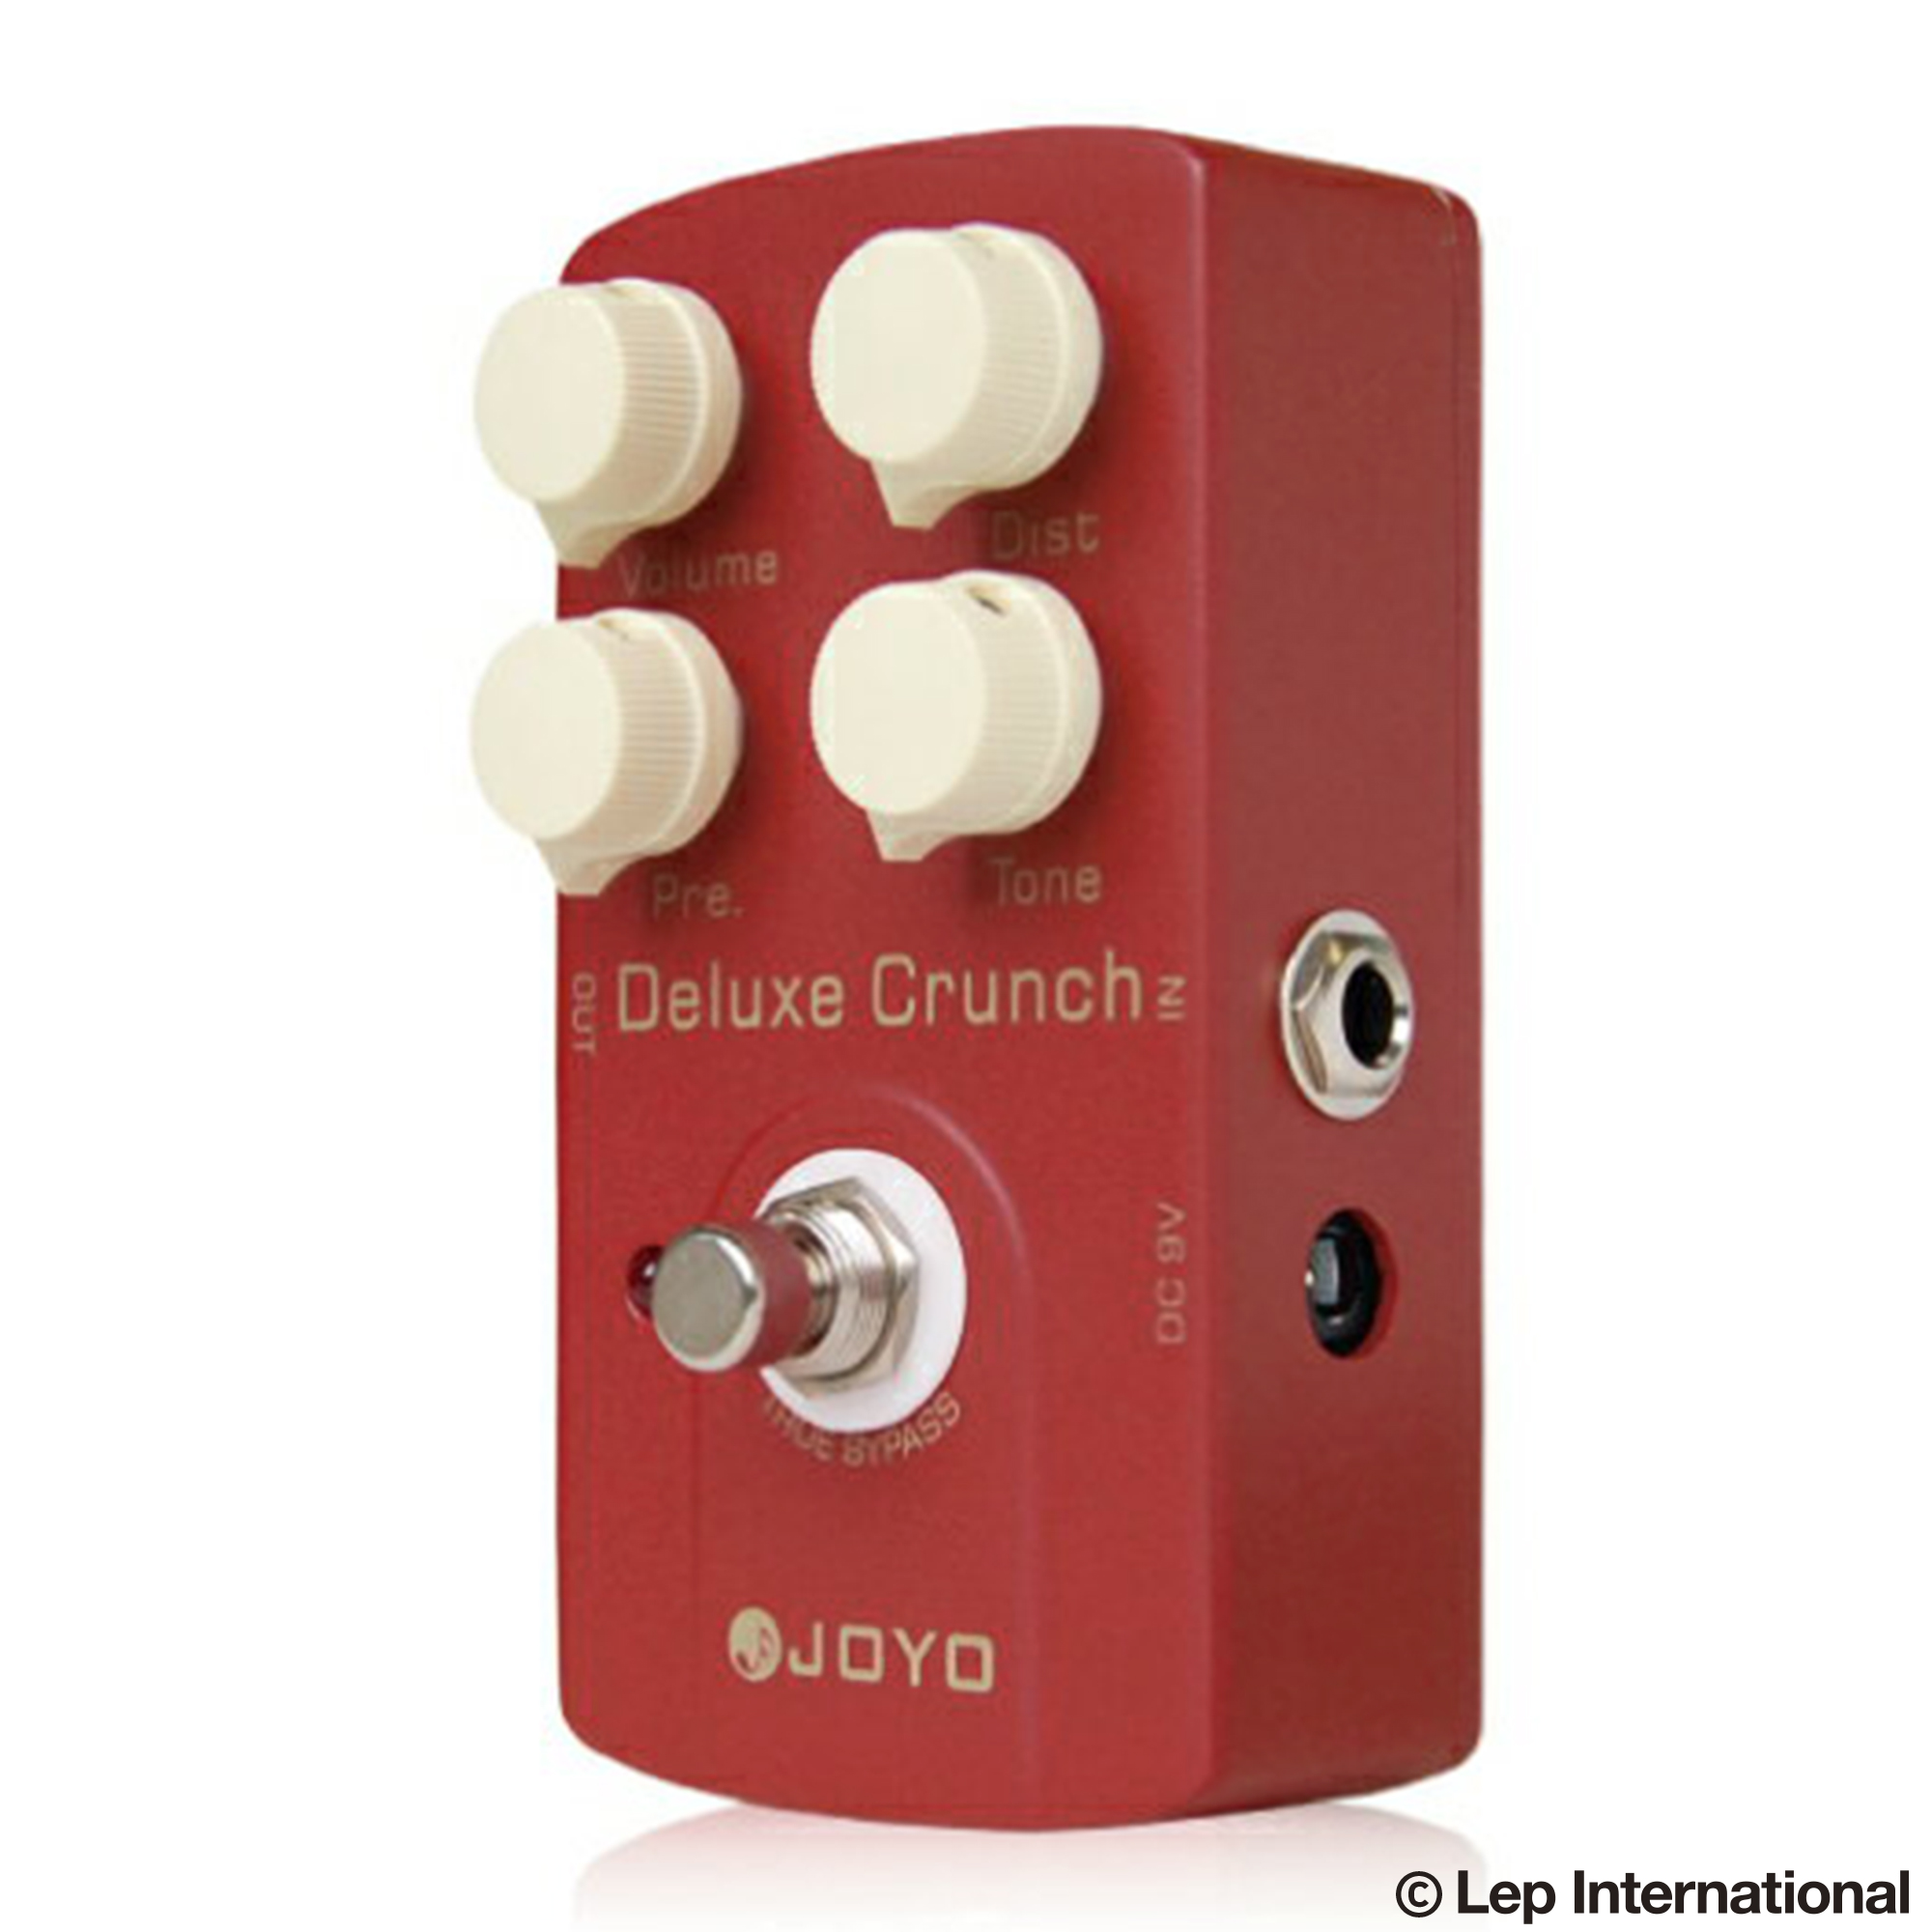 Deluxe-Crunch-02.jpg